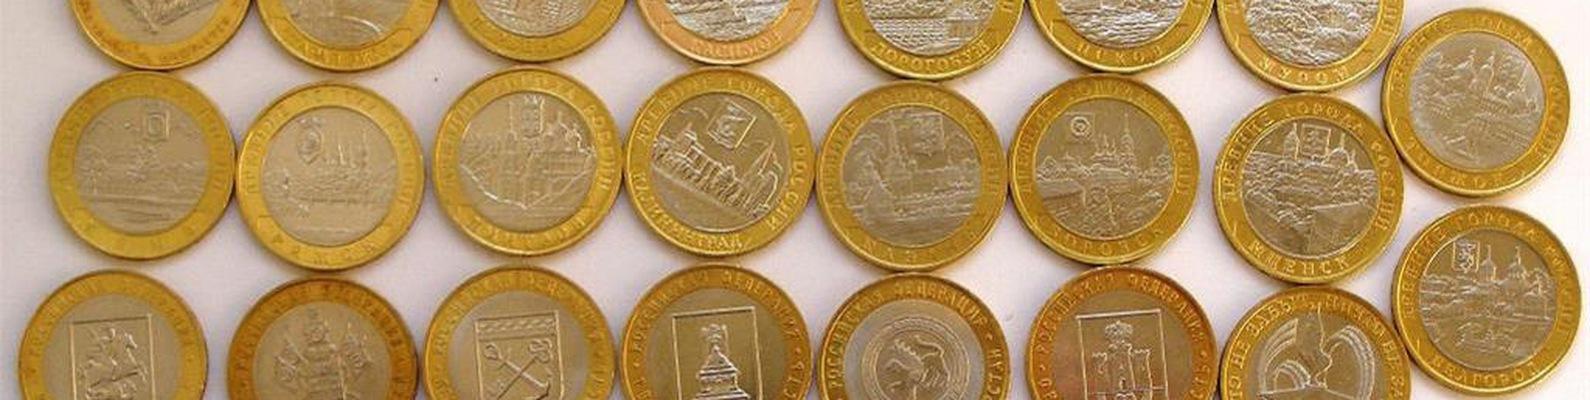 Обмен монетами в нижнекамске продаю монеты ссср 10 рублей